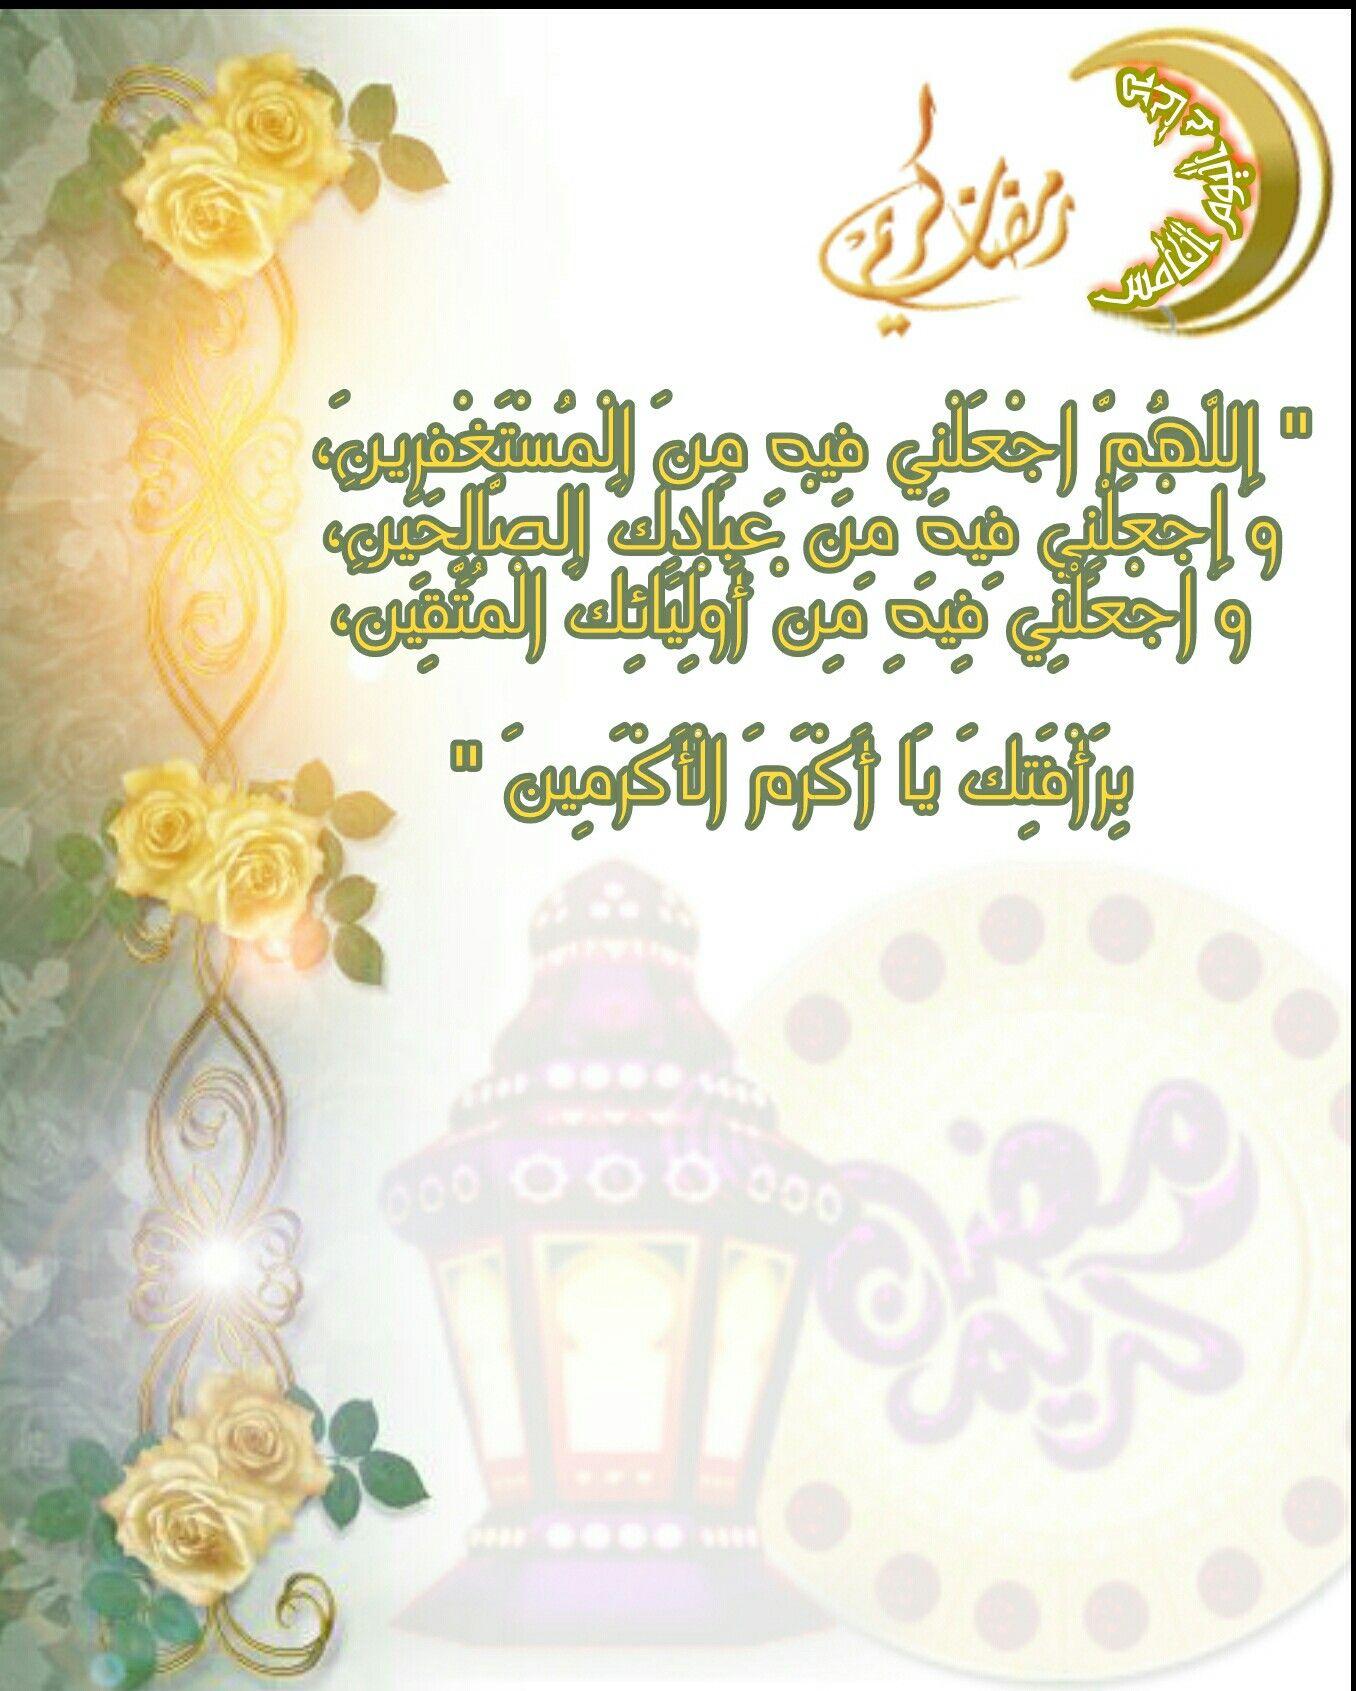 دعاء اليوم الخامس من شهر رمضان المبارك Ramadan Quran Quotes Words Of Wisdom